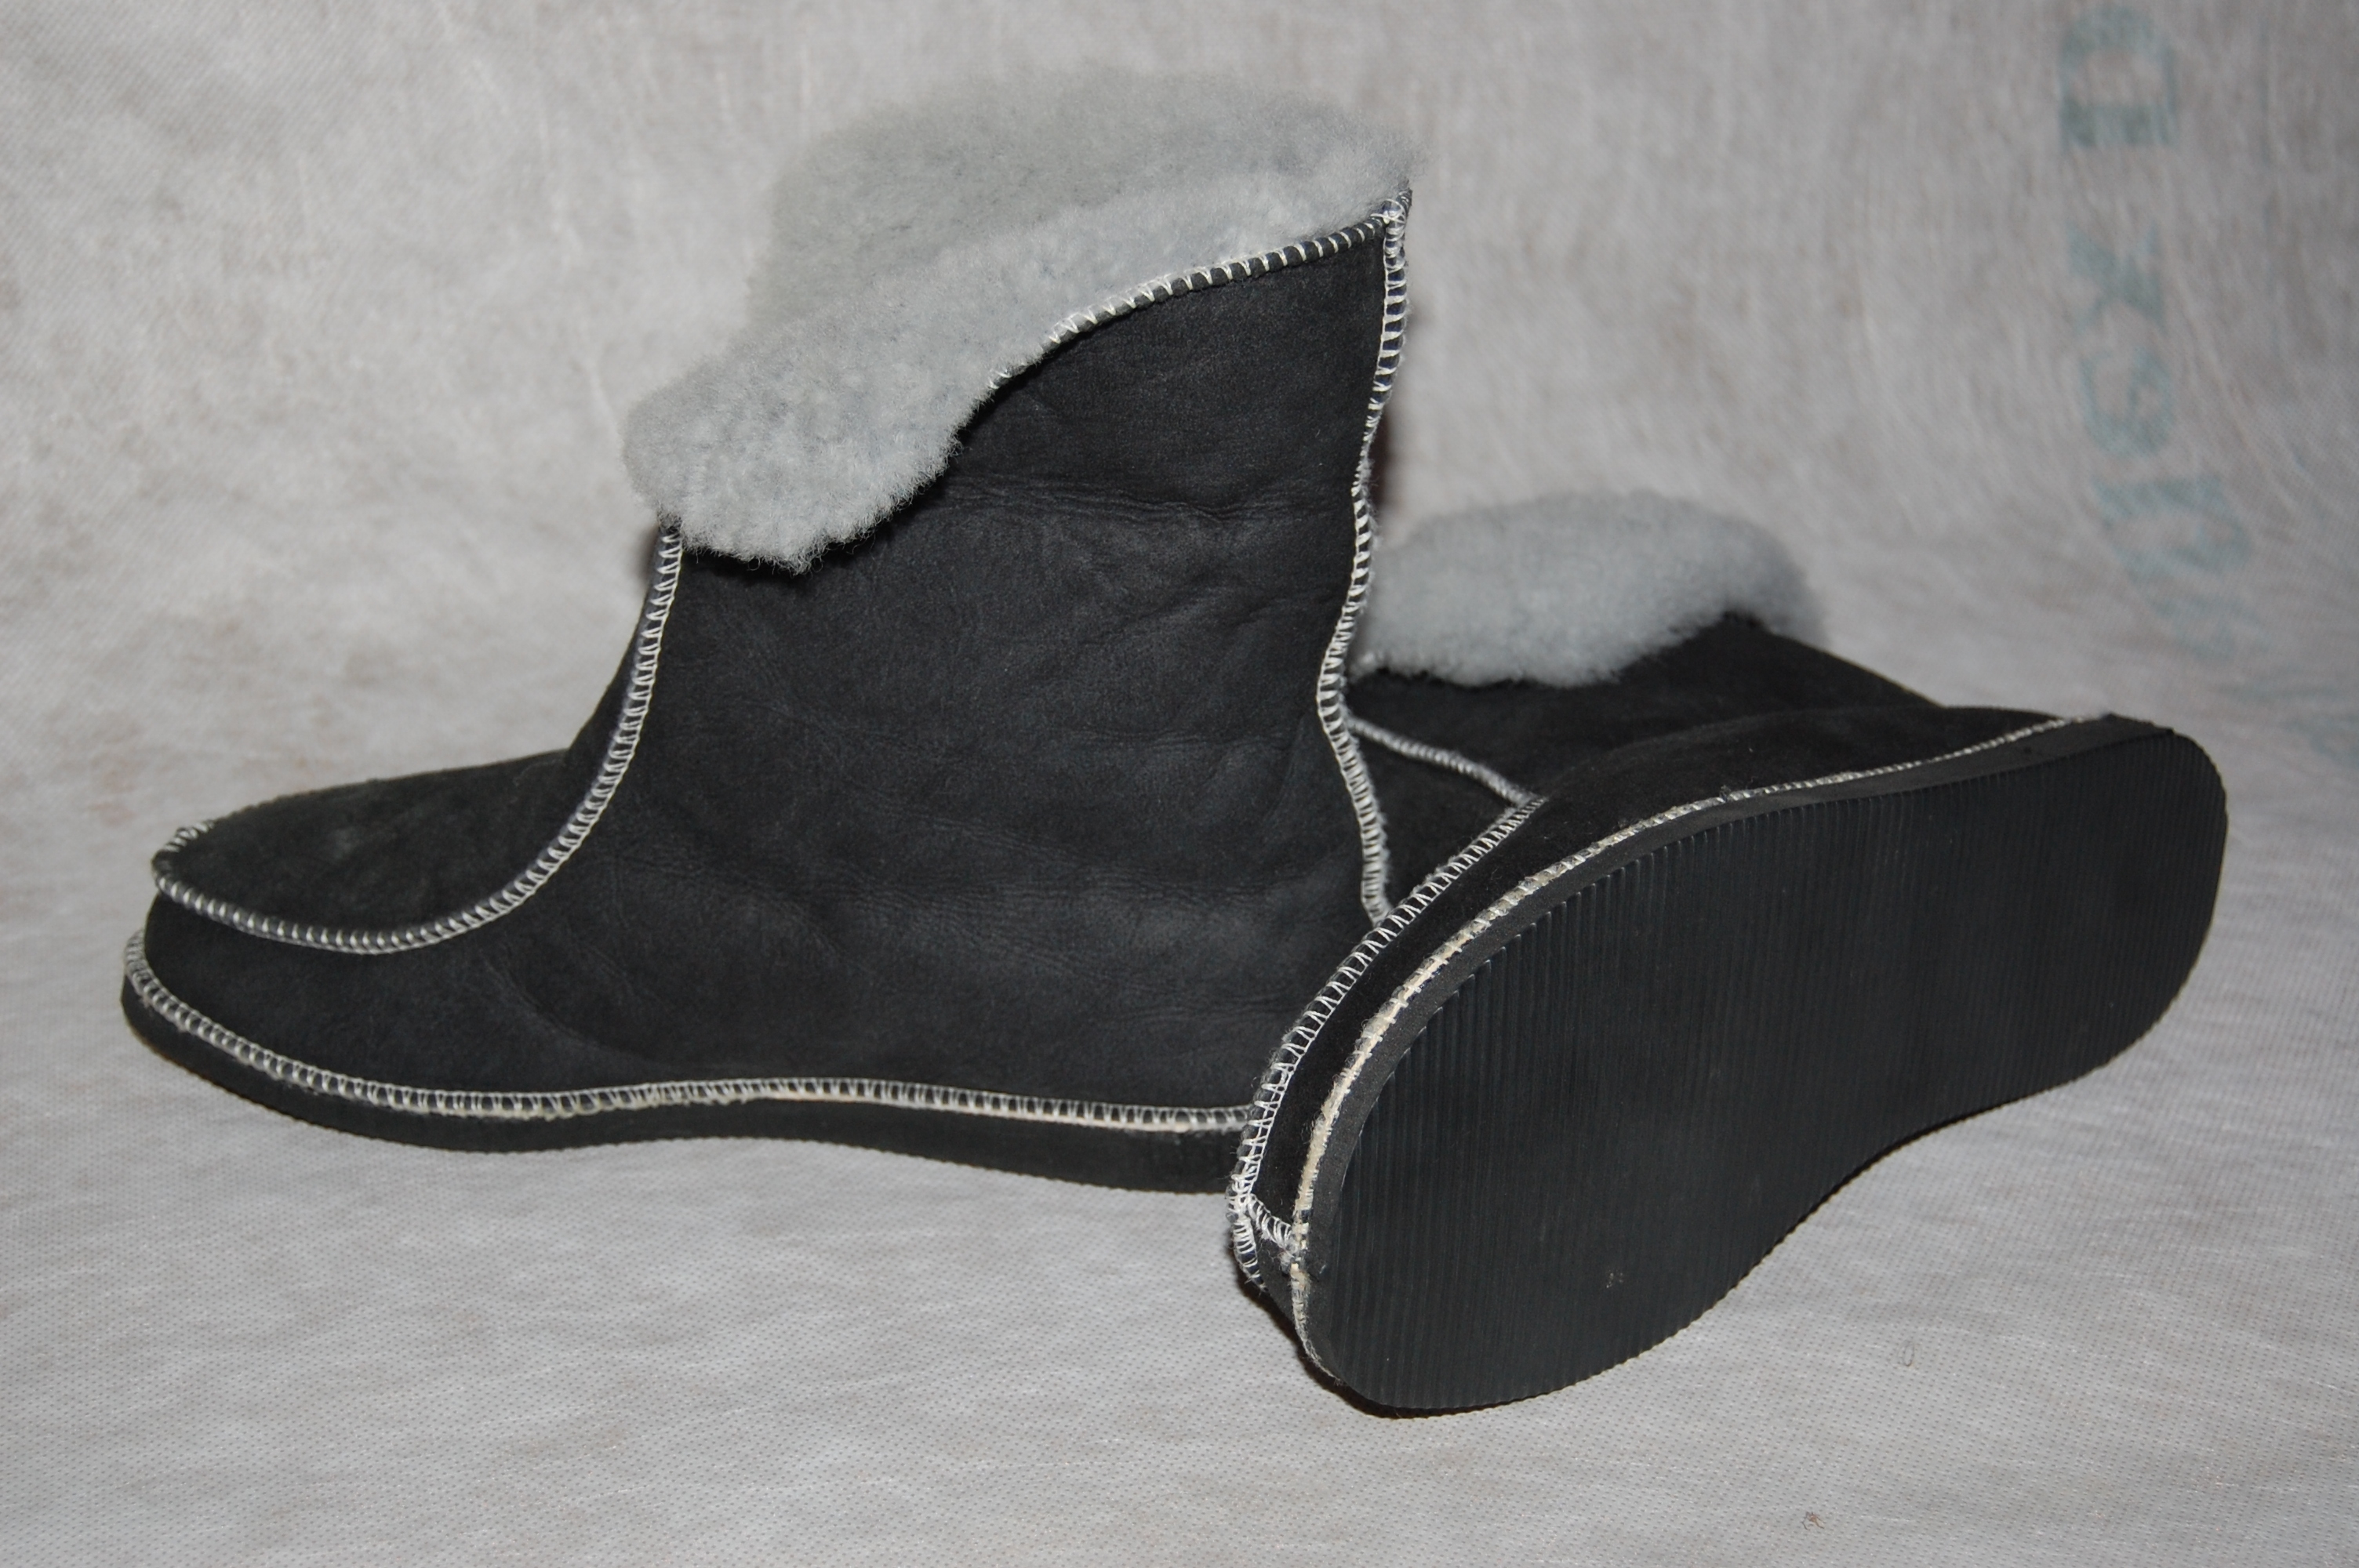 Hoge pantoffel  voor dame of heer  maat 36 t/m 42